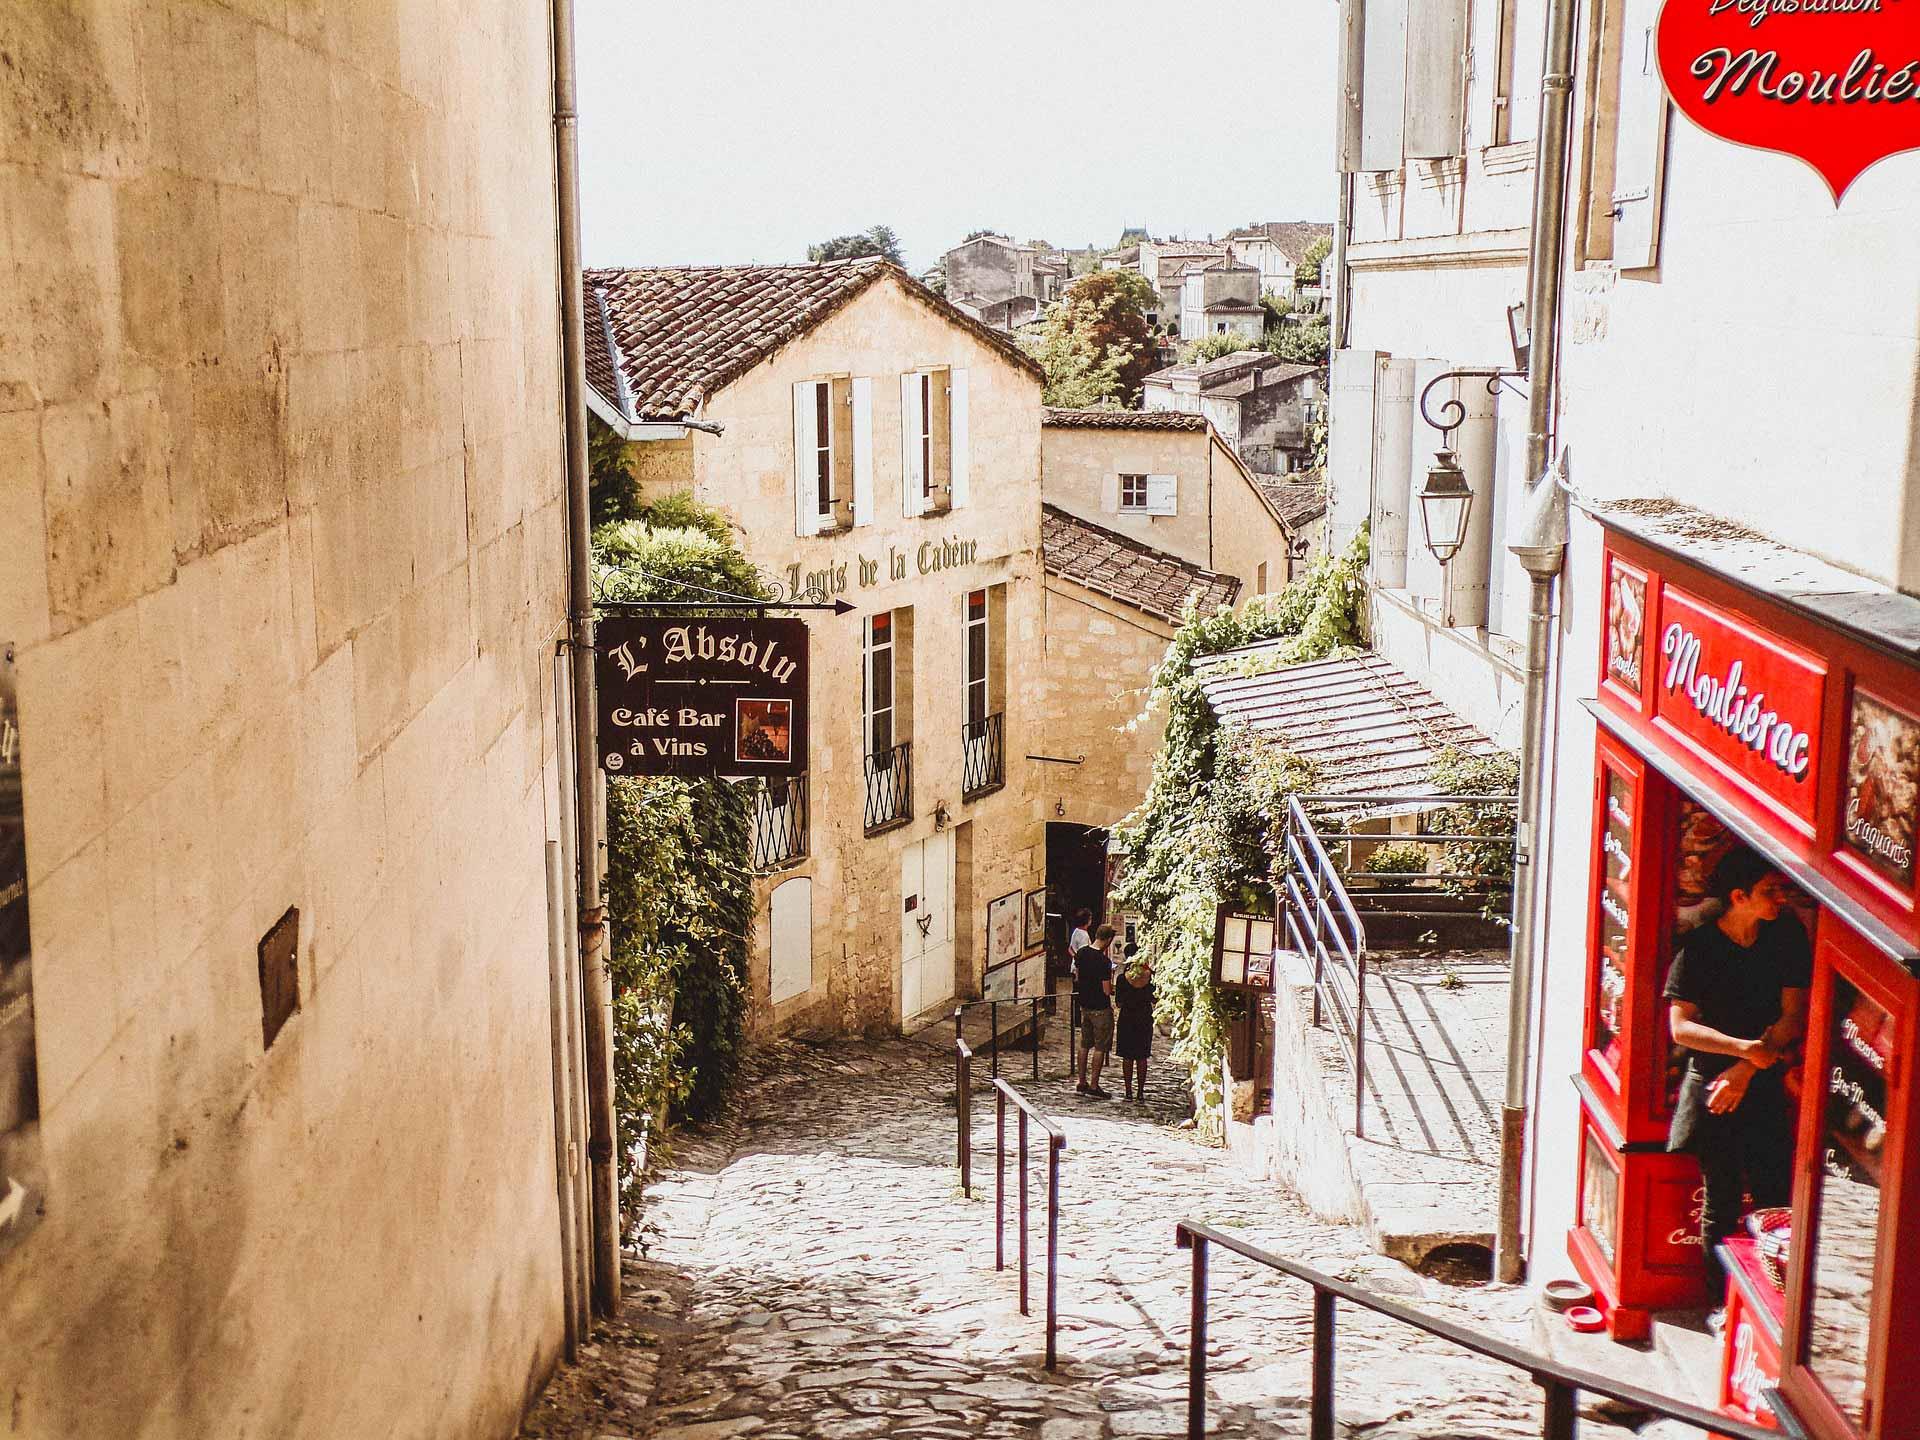 saint-emilion-mystique-tour